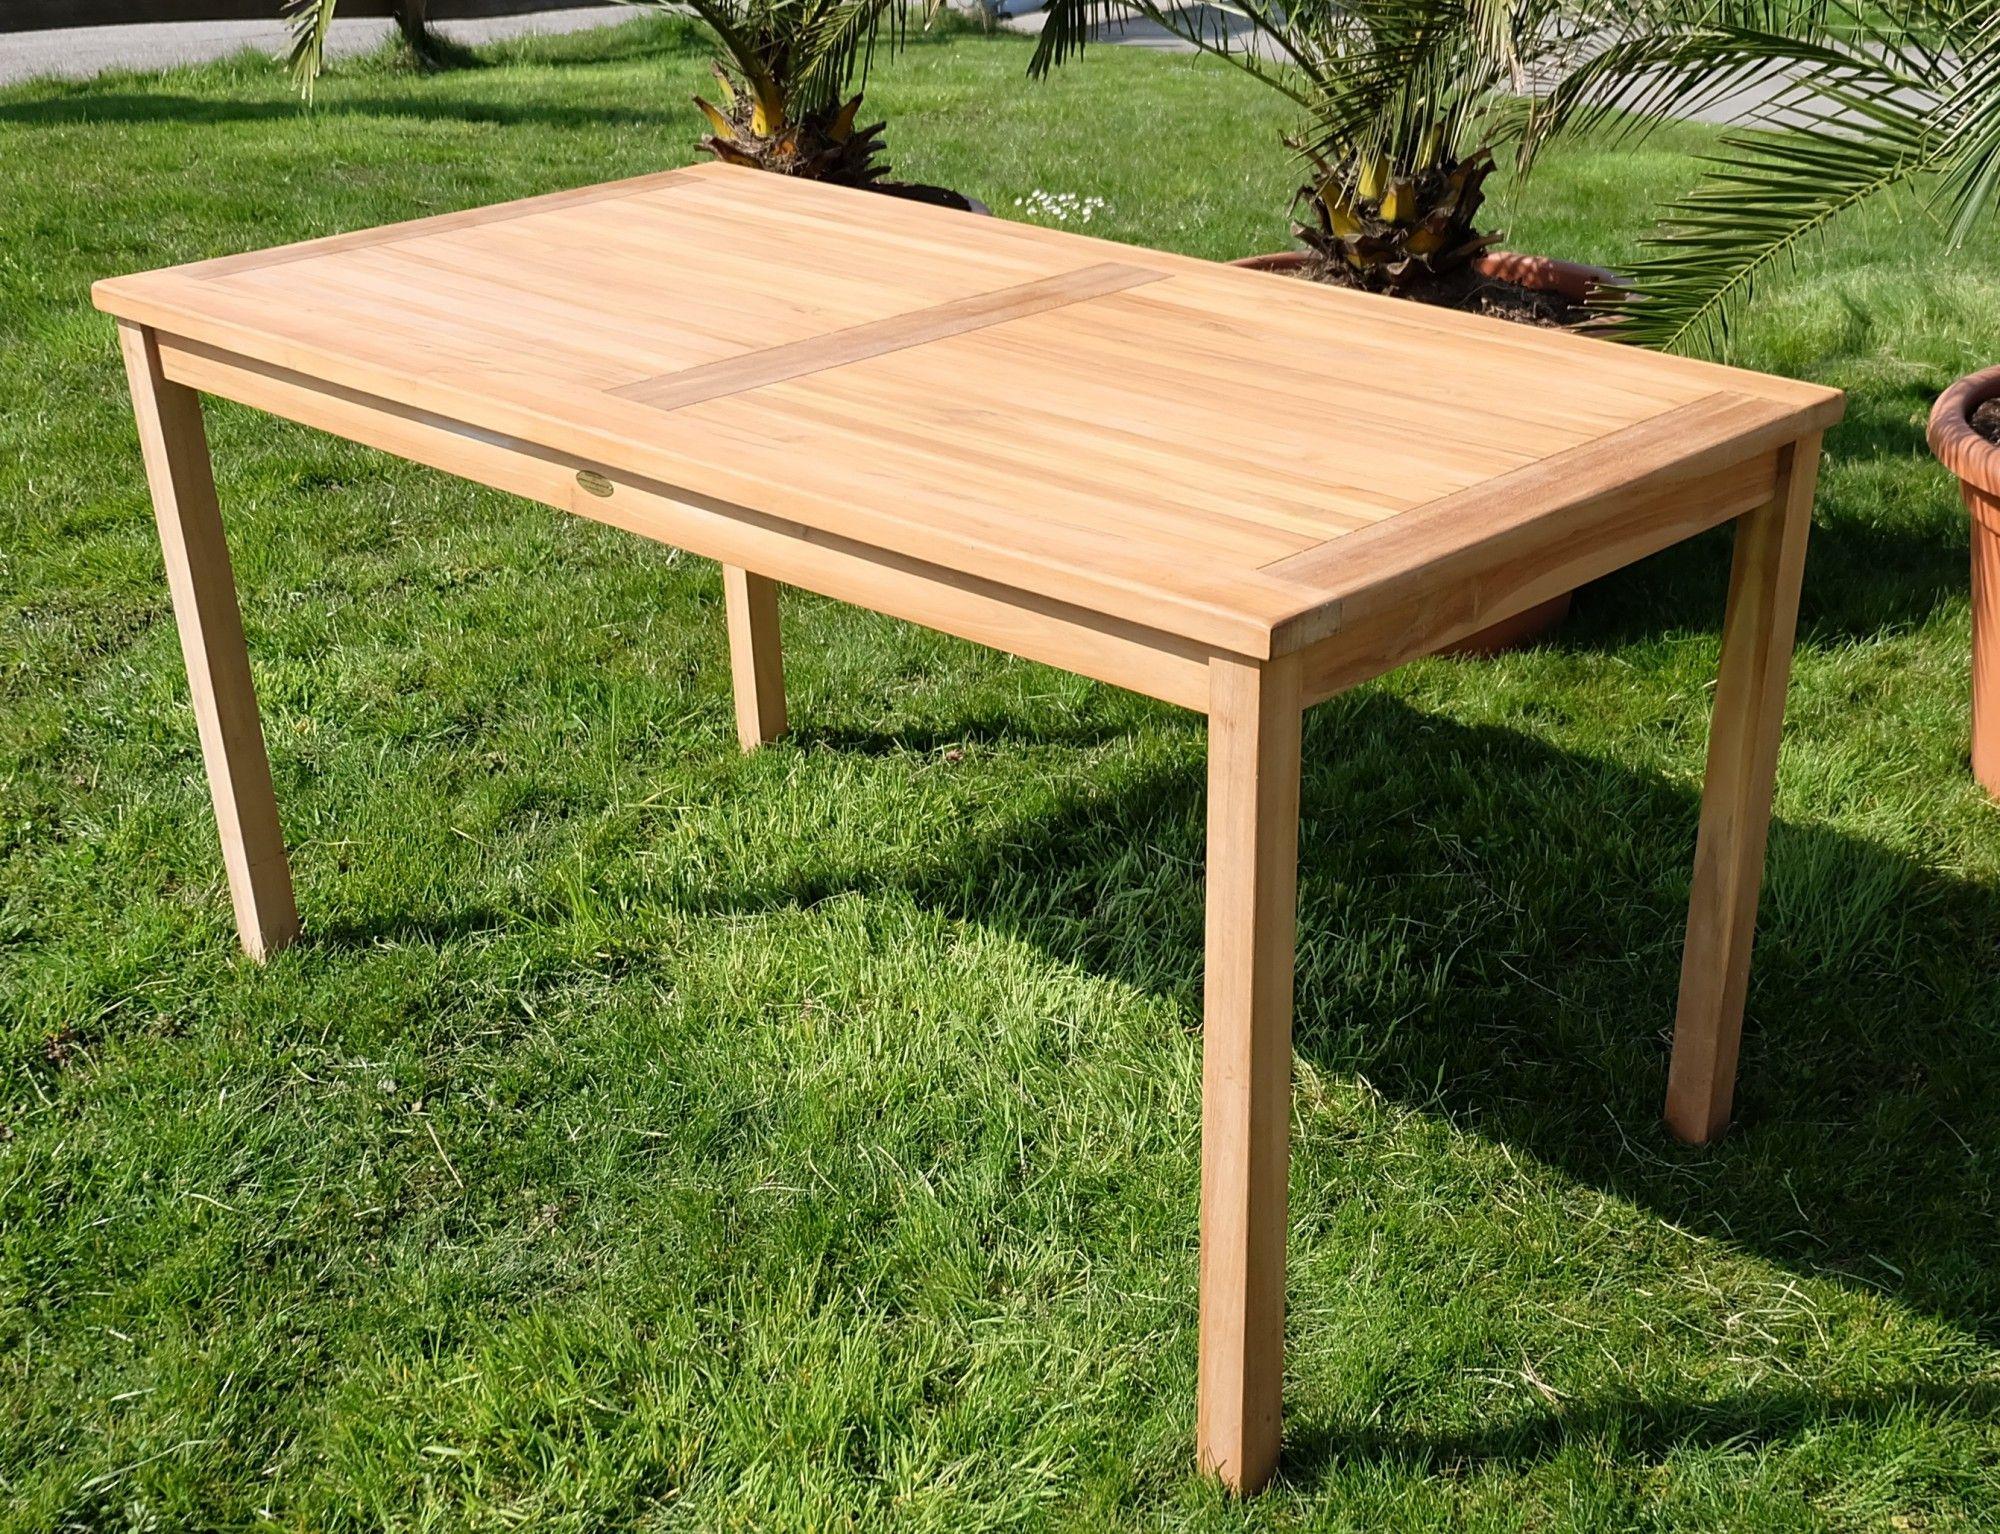 Teak Xl Holztisch Gartentisch Garten Tisch 150x80cm Gartenmobel